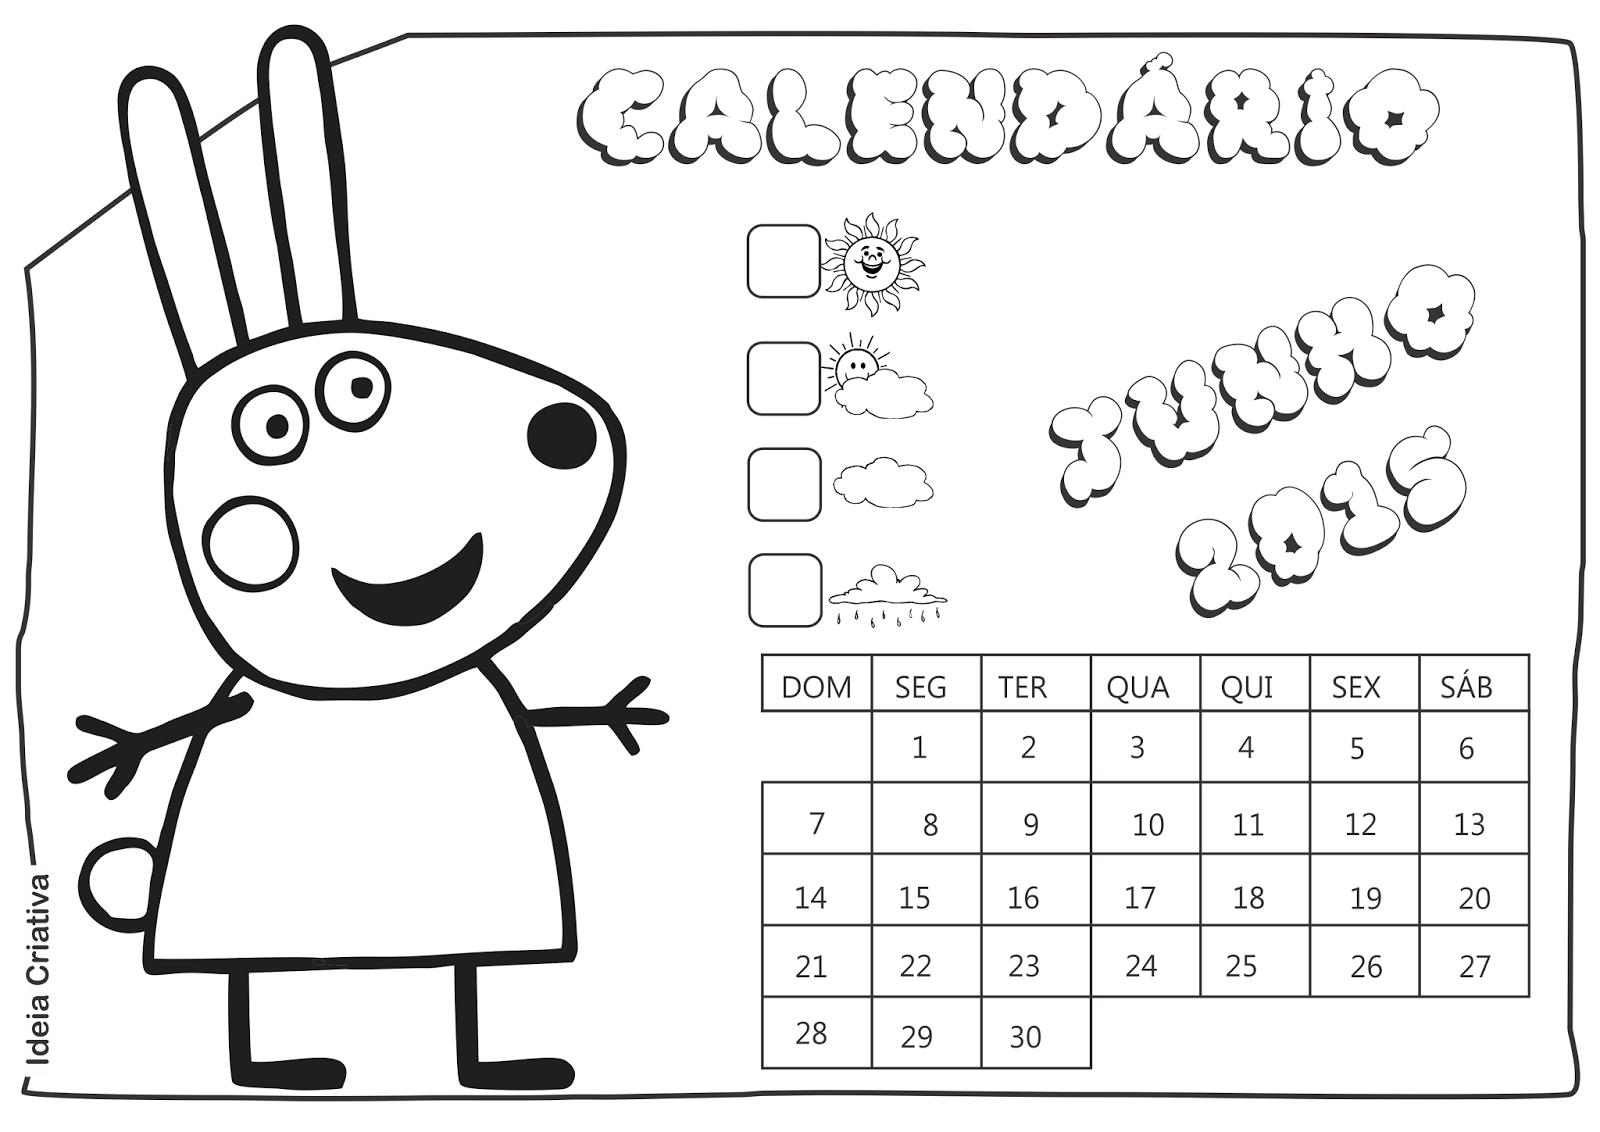 Calendário Junho 2015 Peppa Pig e Seus Amigos para Imprimir Grátis